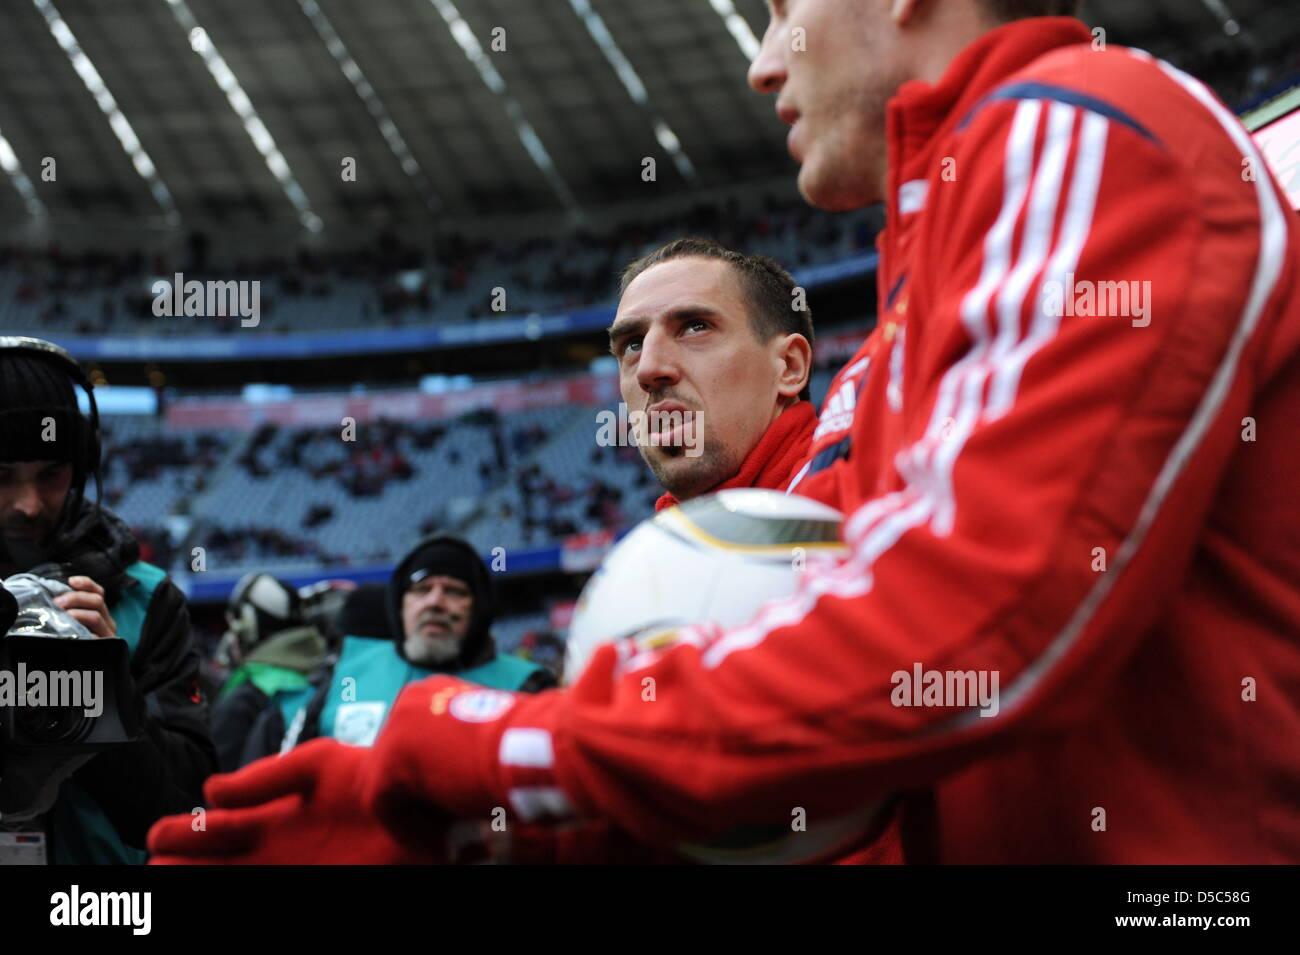 Fein Fußballspieler Färbung Seite Fotos - Malvorlagen Ideen ...